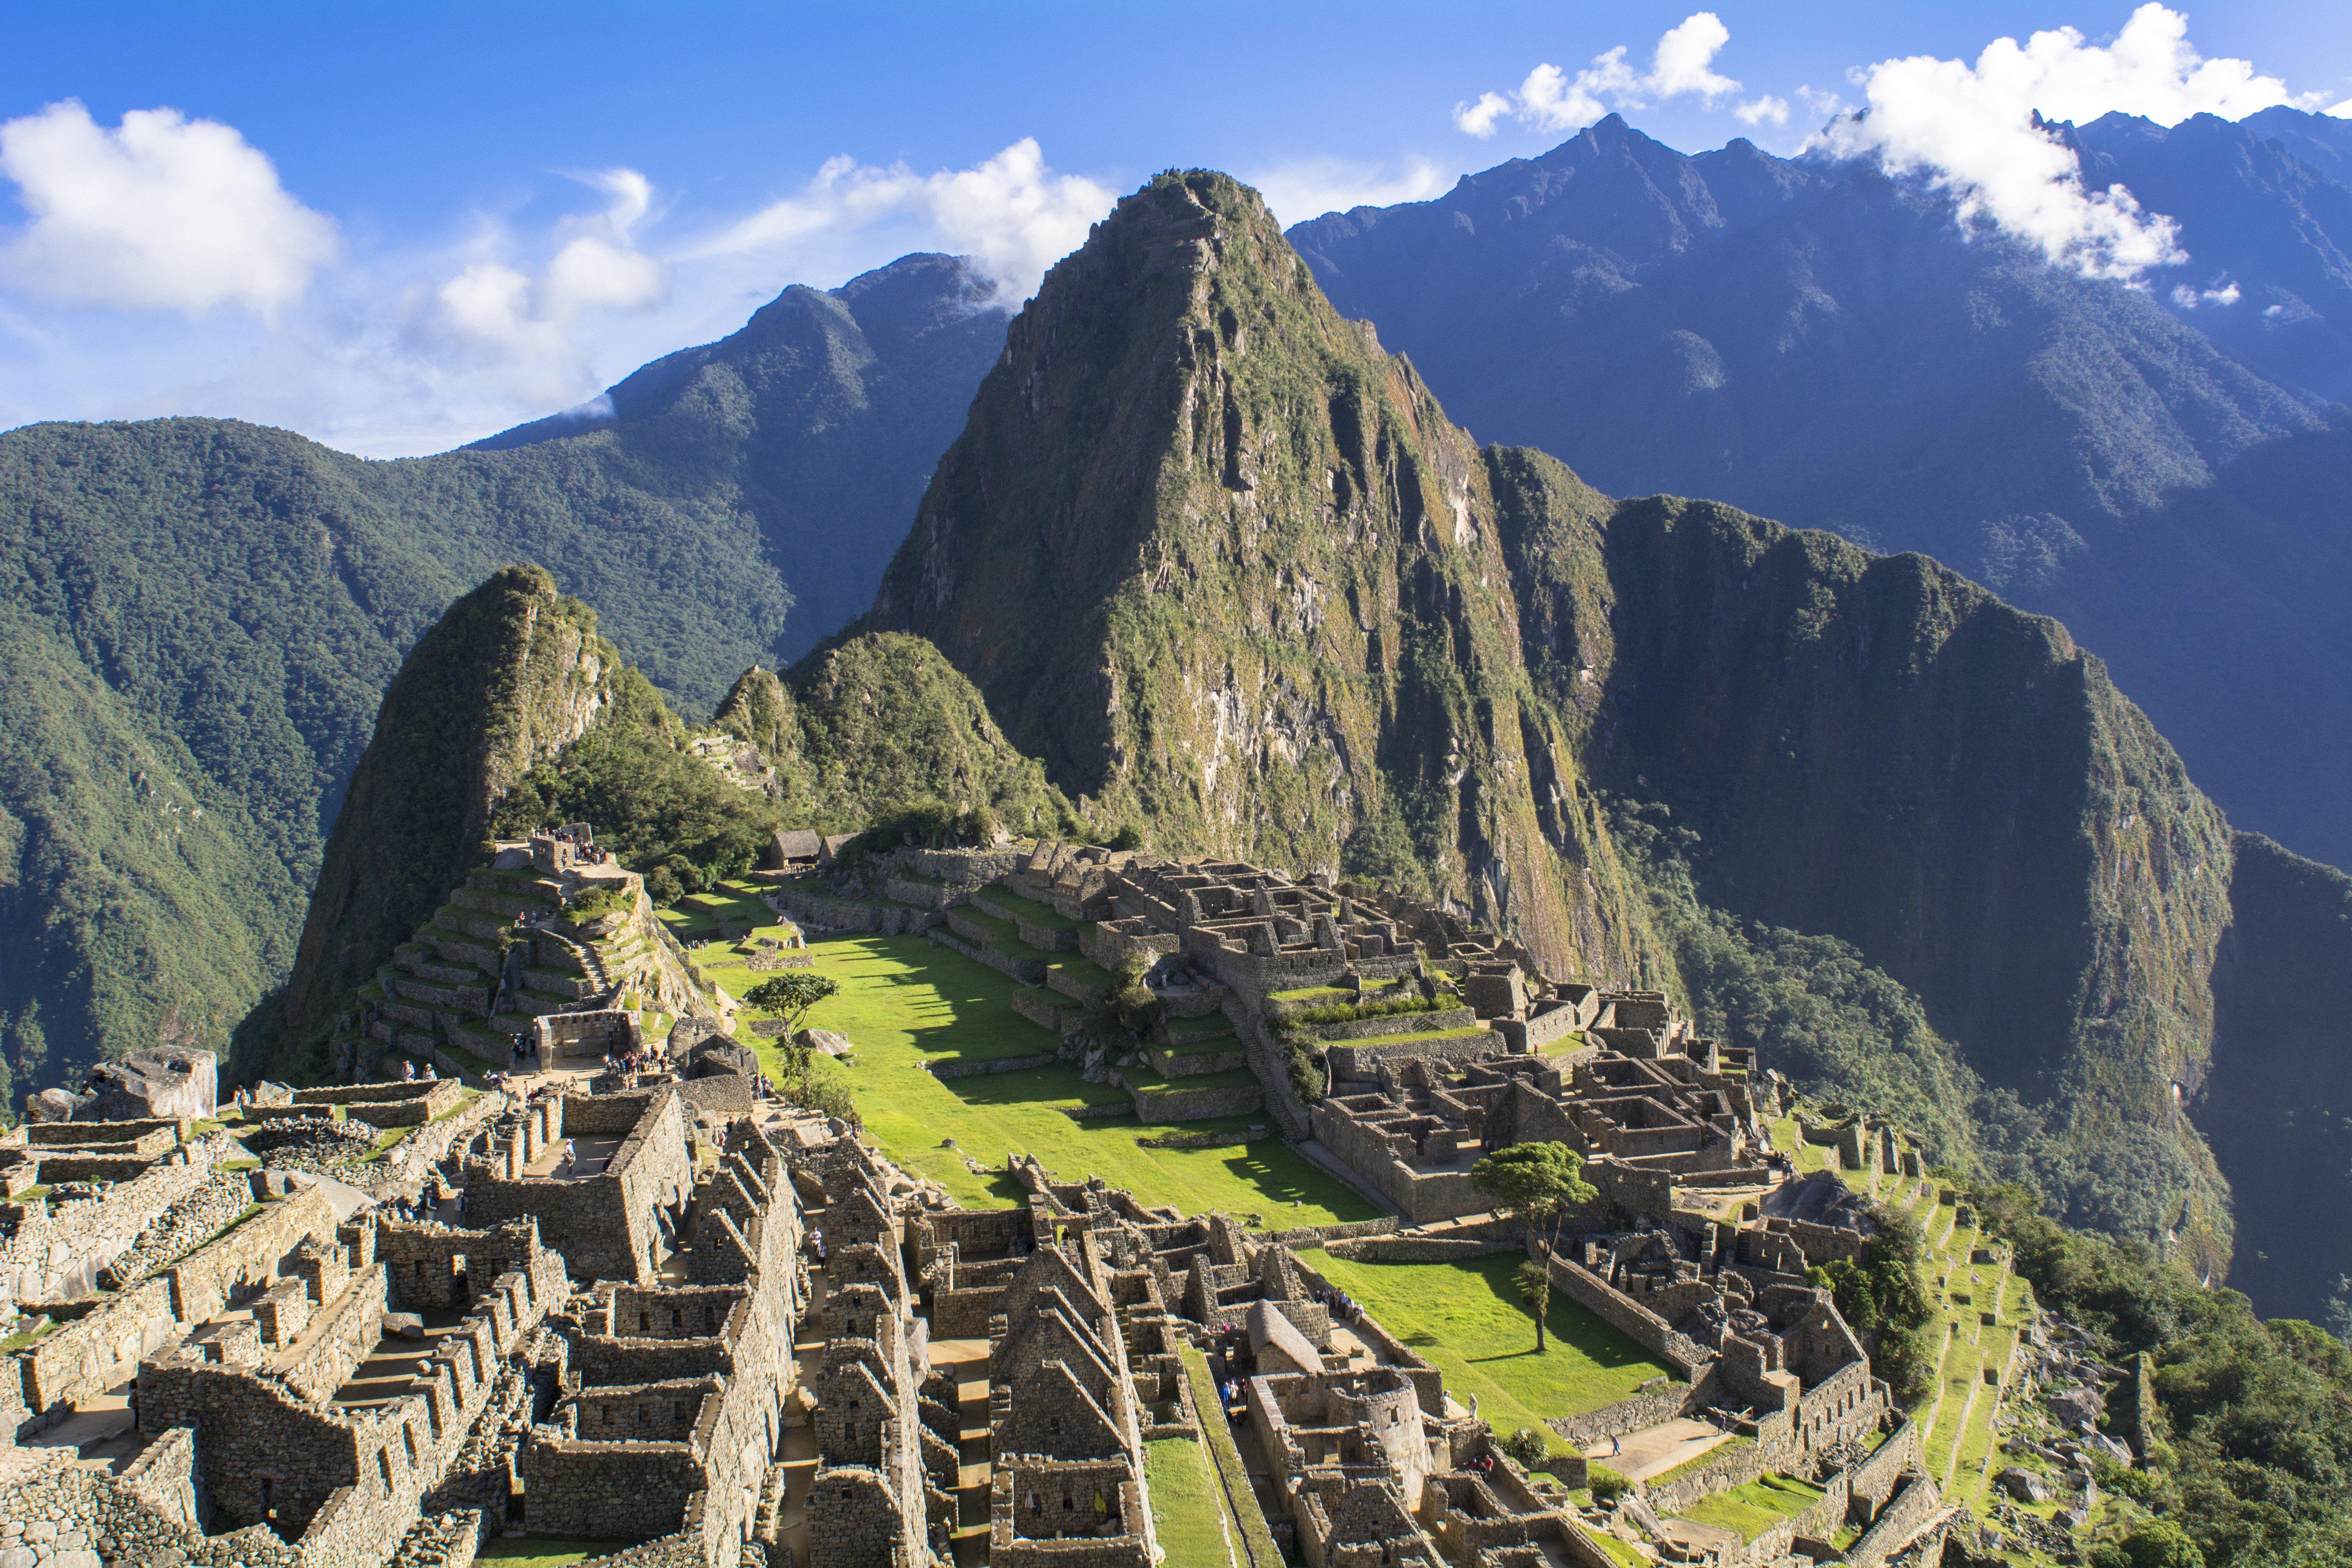 Image: Latin America, Cusco Region, Peru, Remains of Machu Picchu